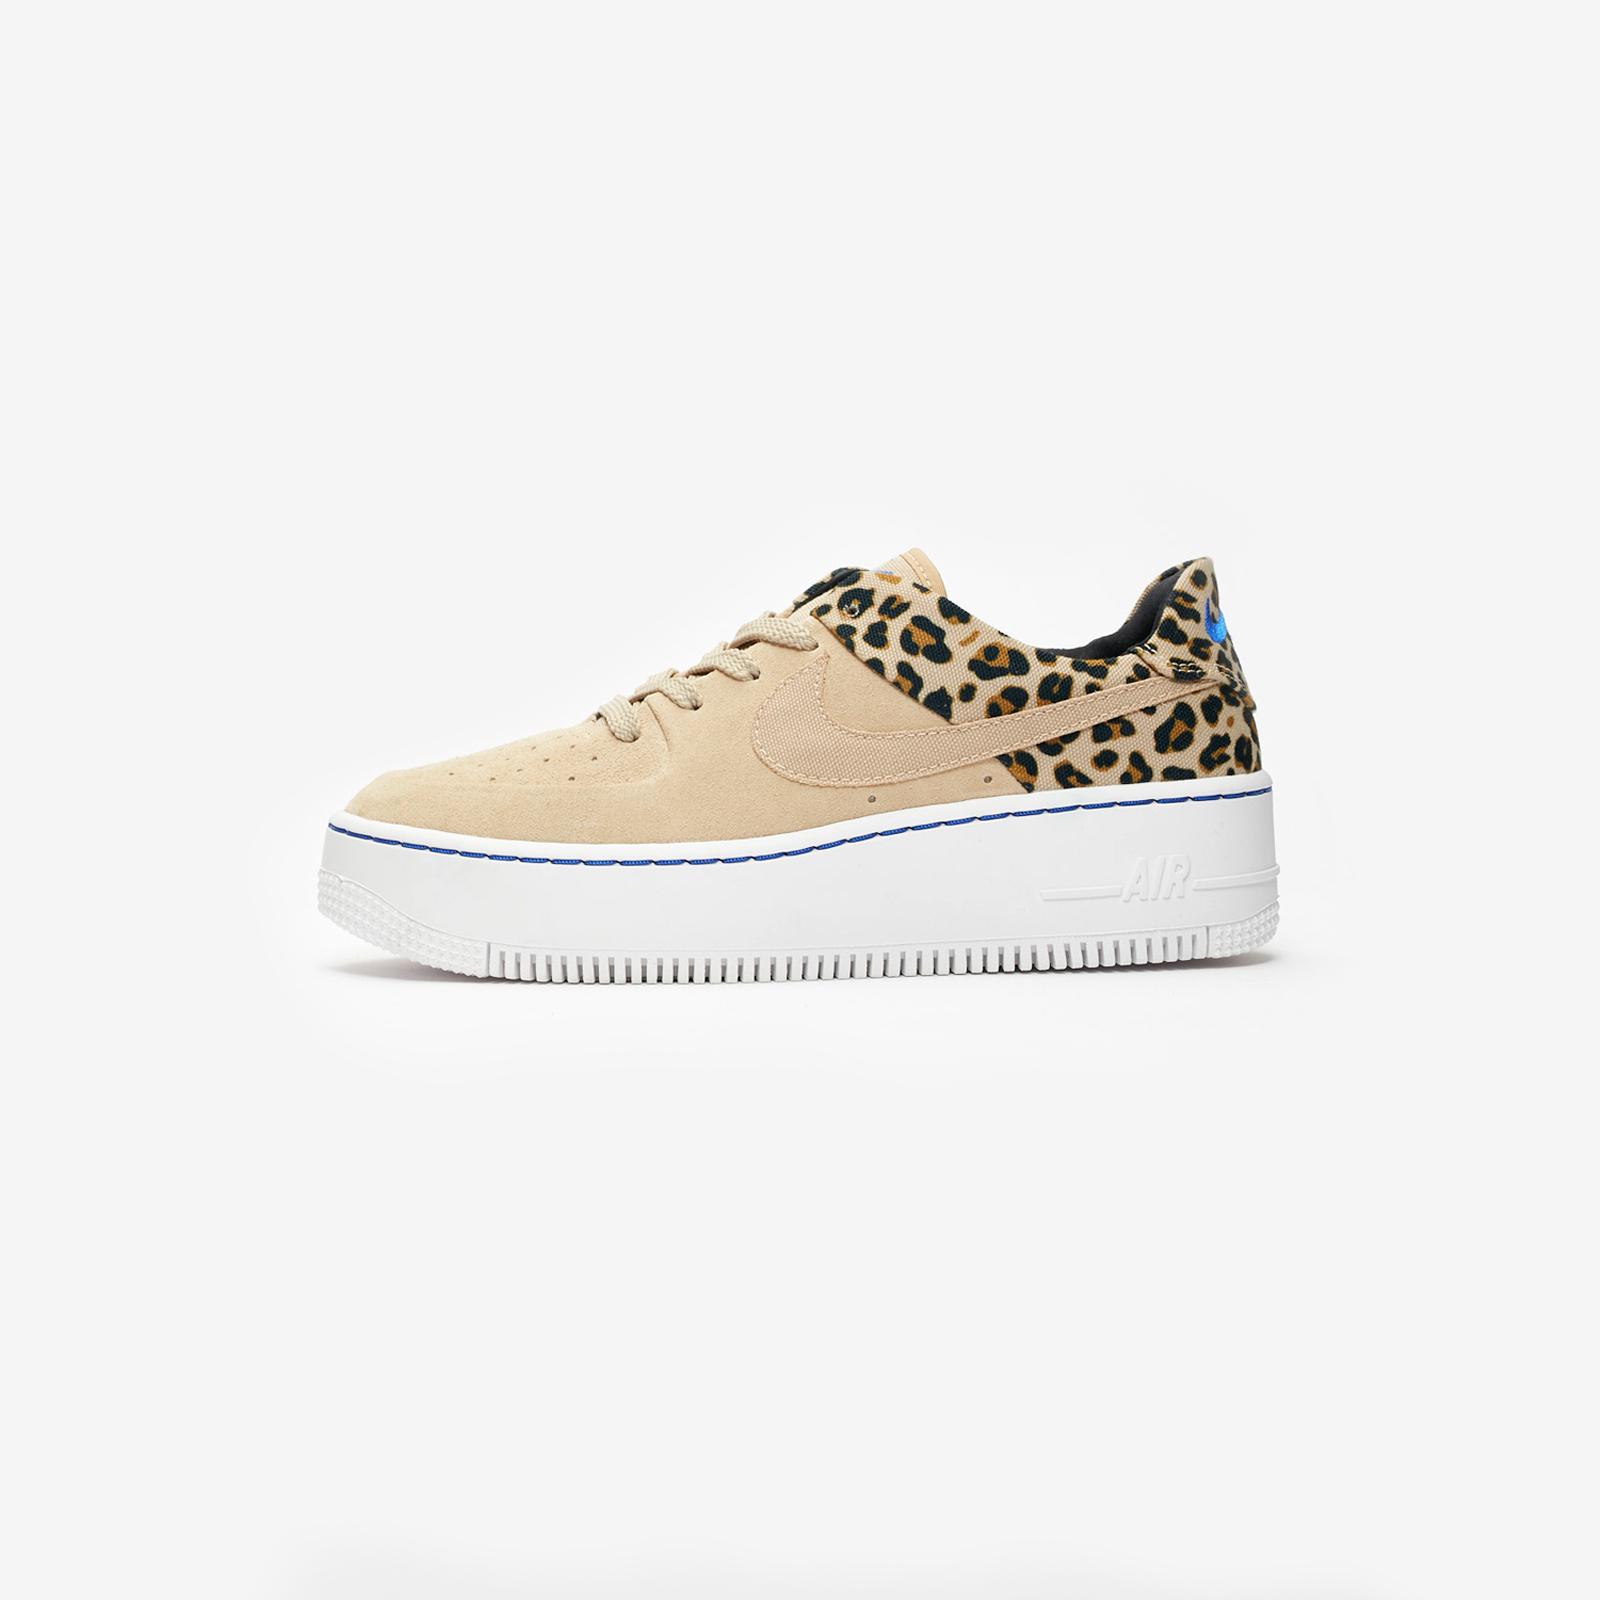 192c71fa0b39 Nike Wmns Air Force 1 Sage Lo Premium - Bv1979-200 - Sneakersnstuff |  sneakers & streetwear online since 1999